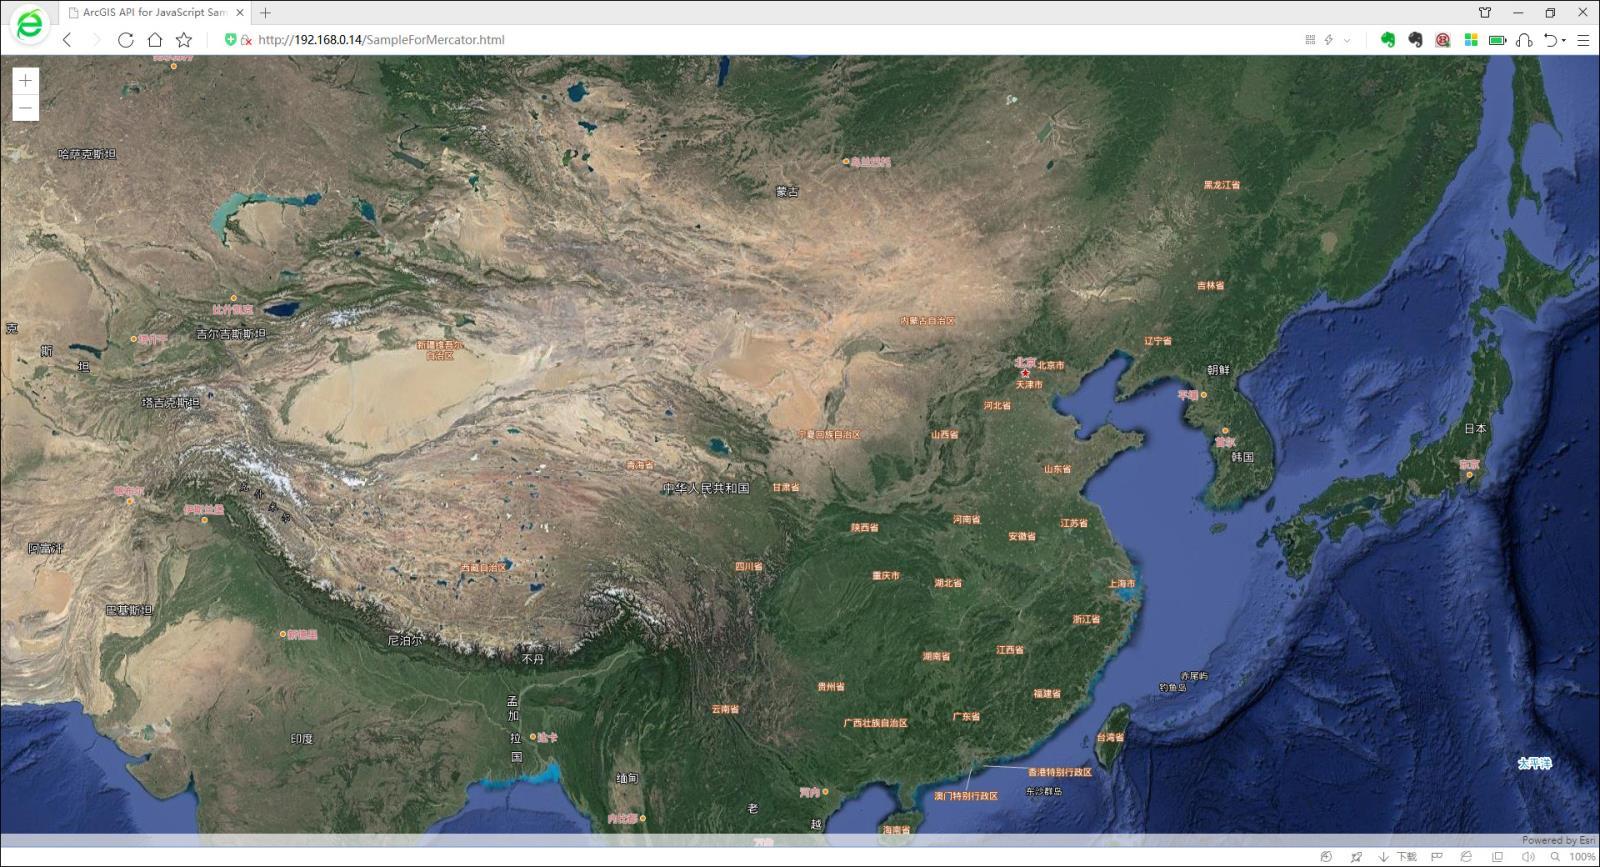 30墨卡托卫星影像发布结果.jpg